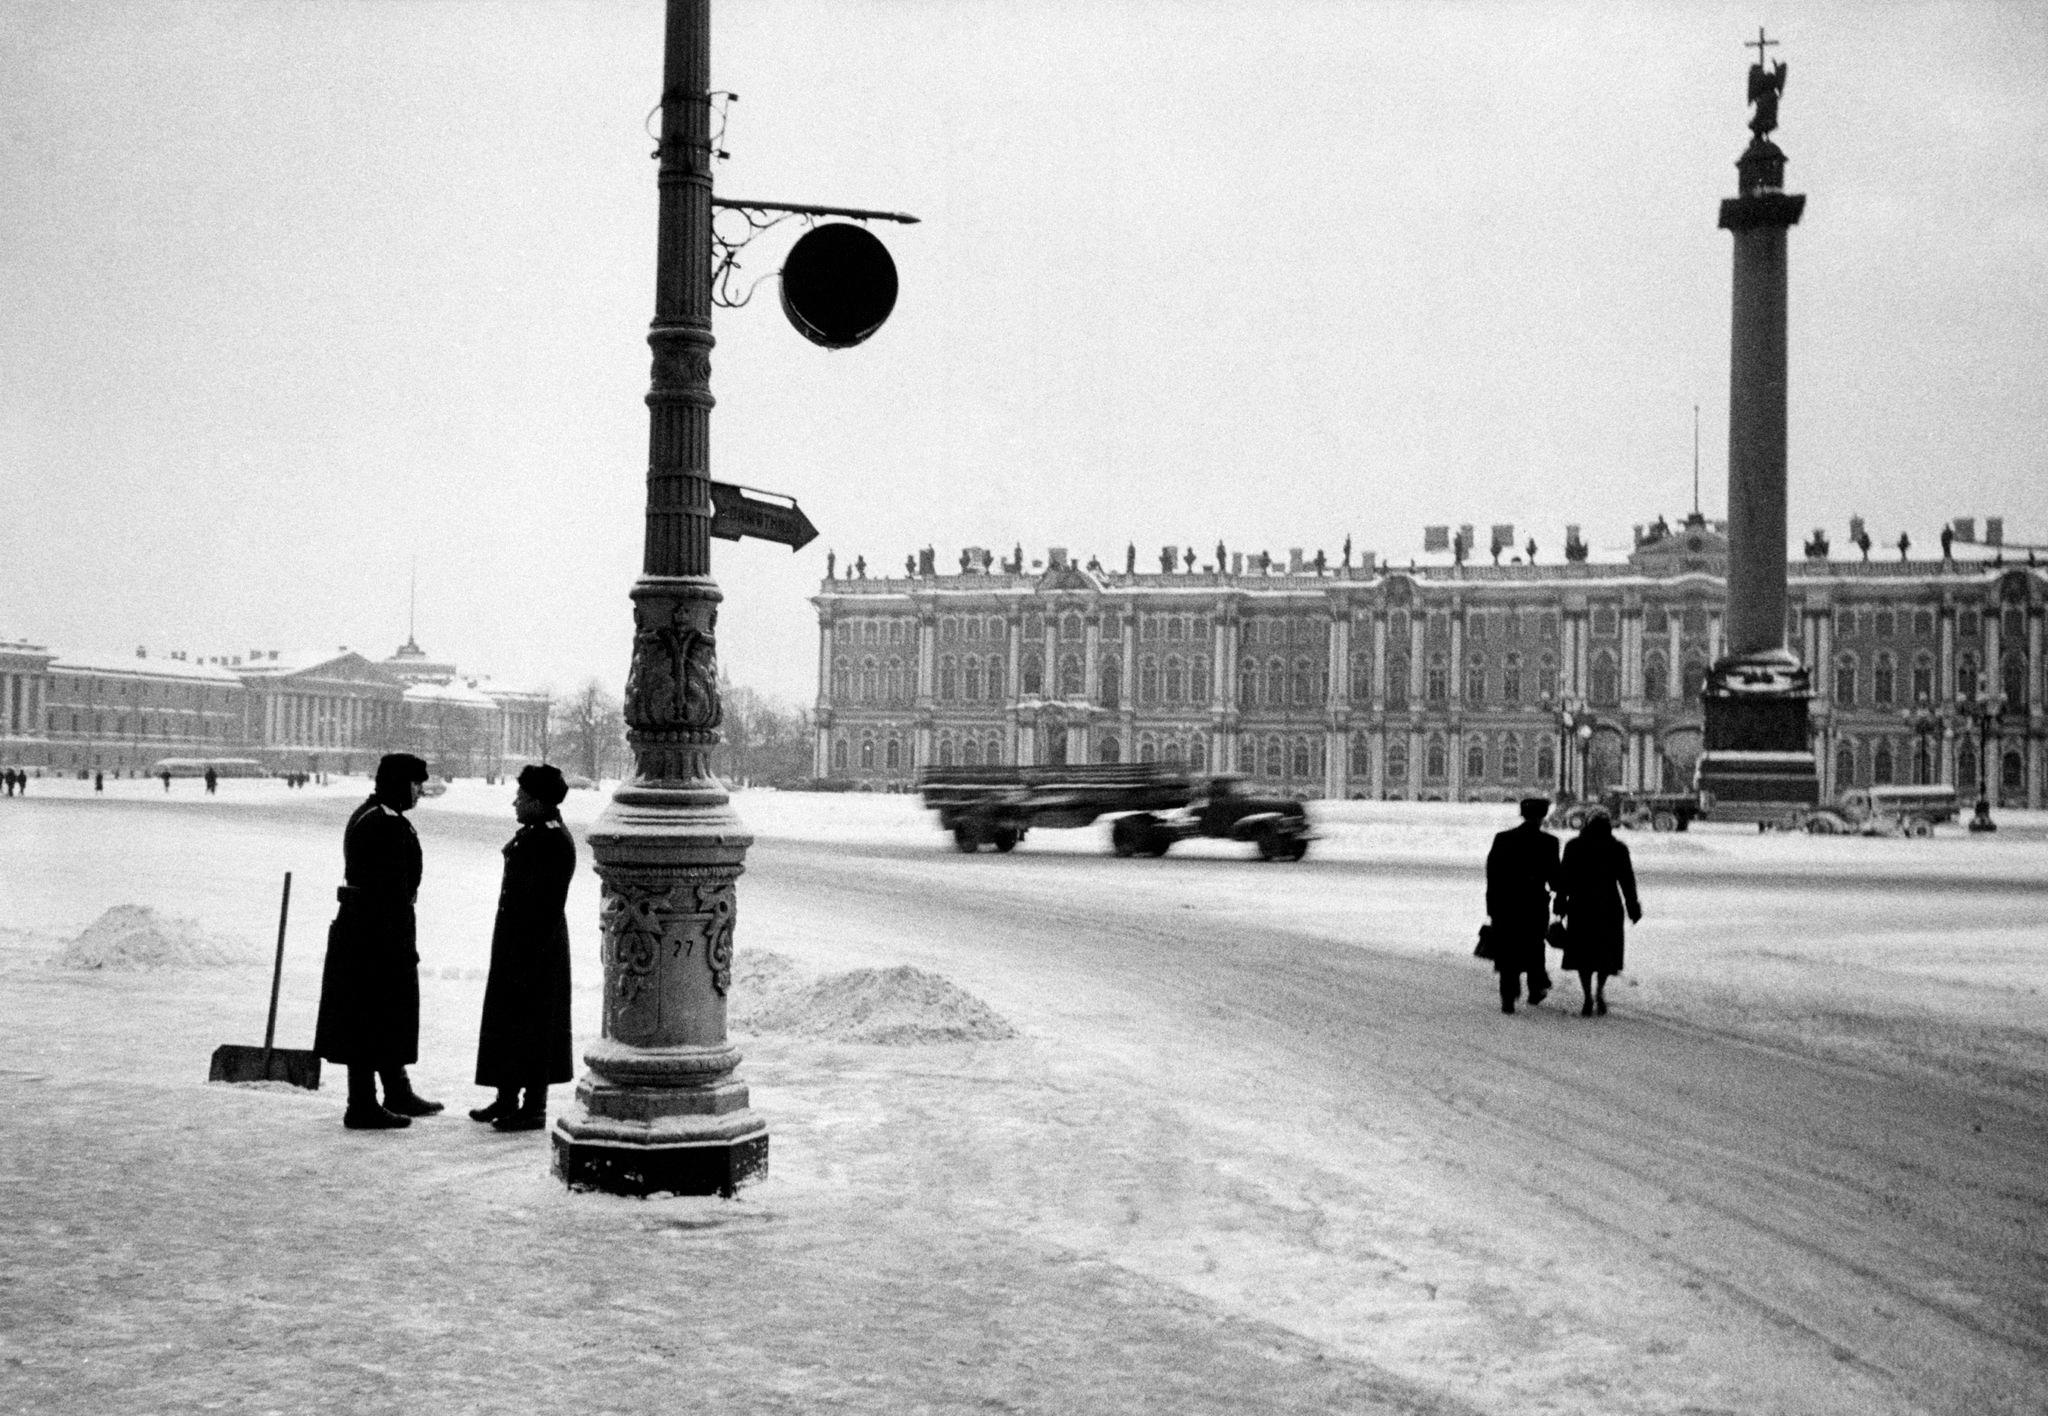 Дворцовая площадь. (2)